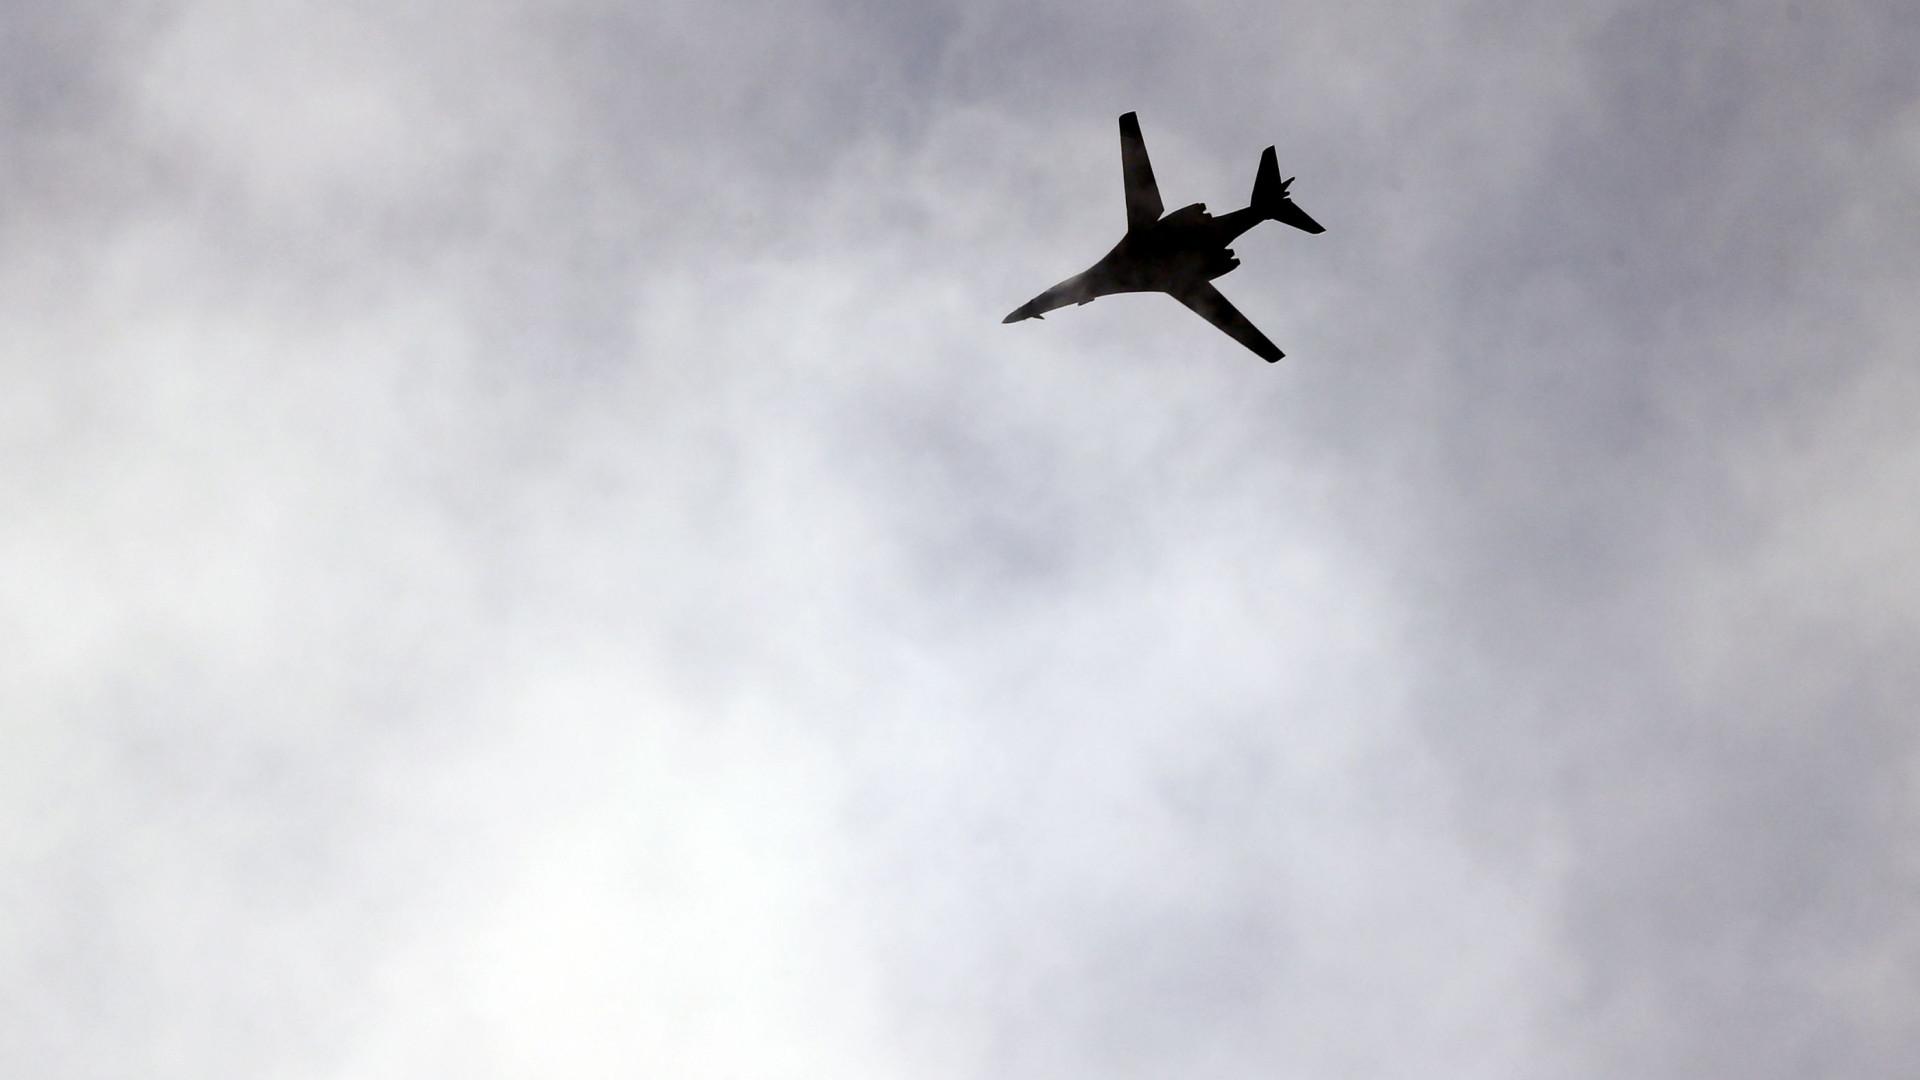 Governo e ANA assinam hoje acordo para estudar aeroporto do Montijo